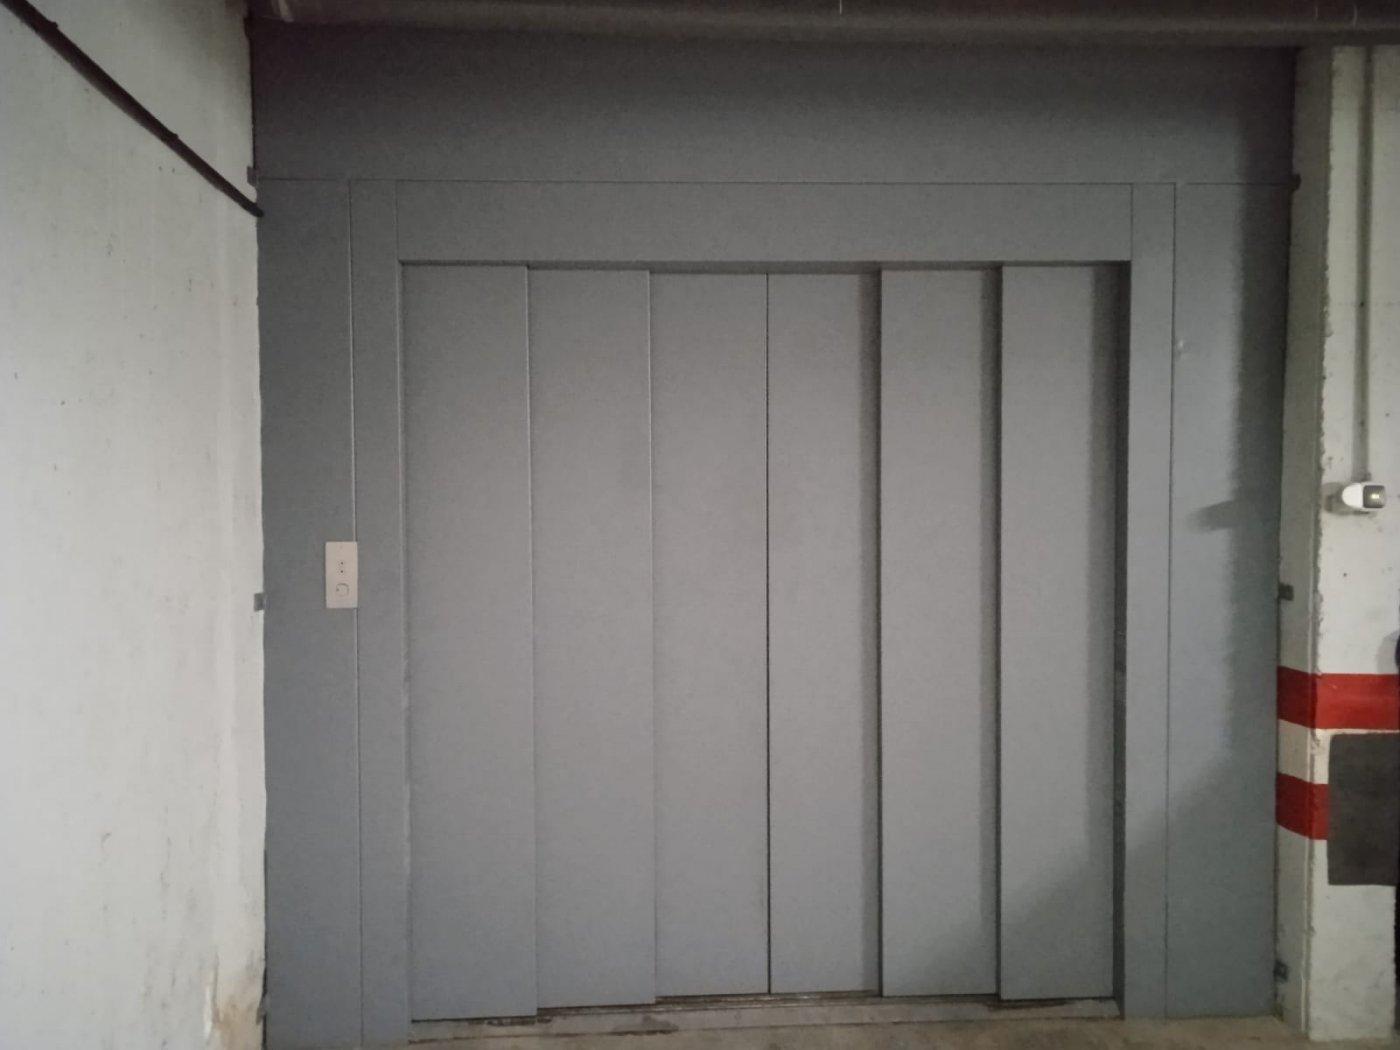 Plaza de garaje a la venta en triana - imagenInmueble2